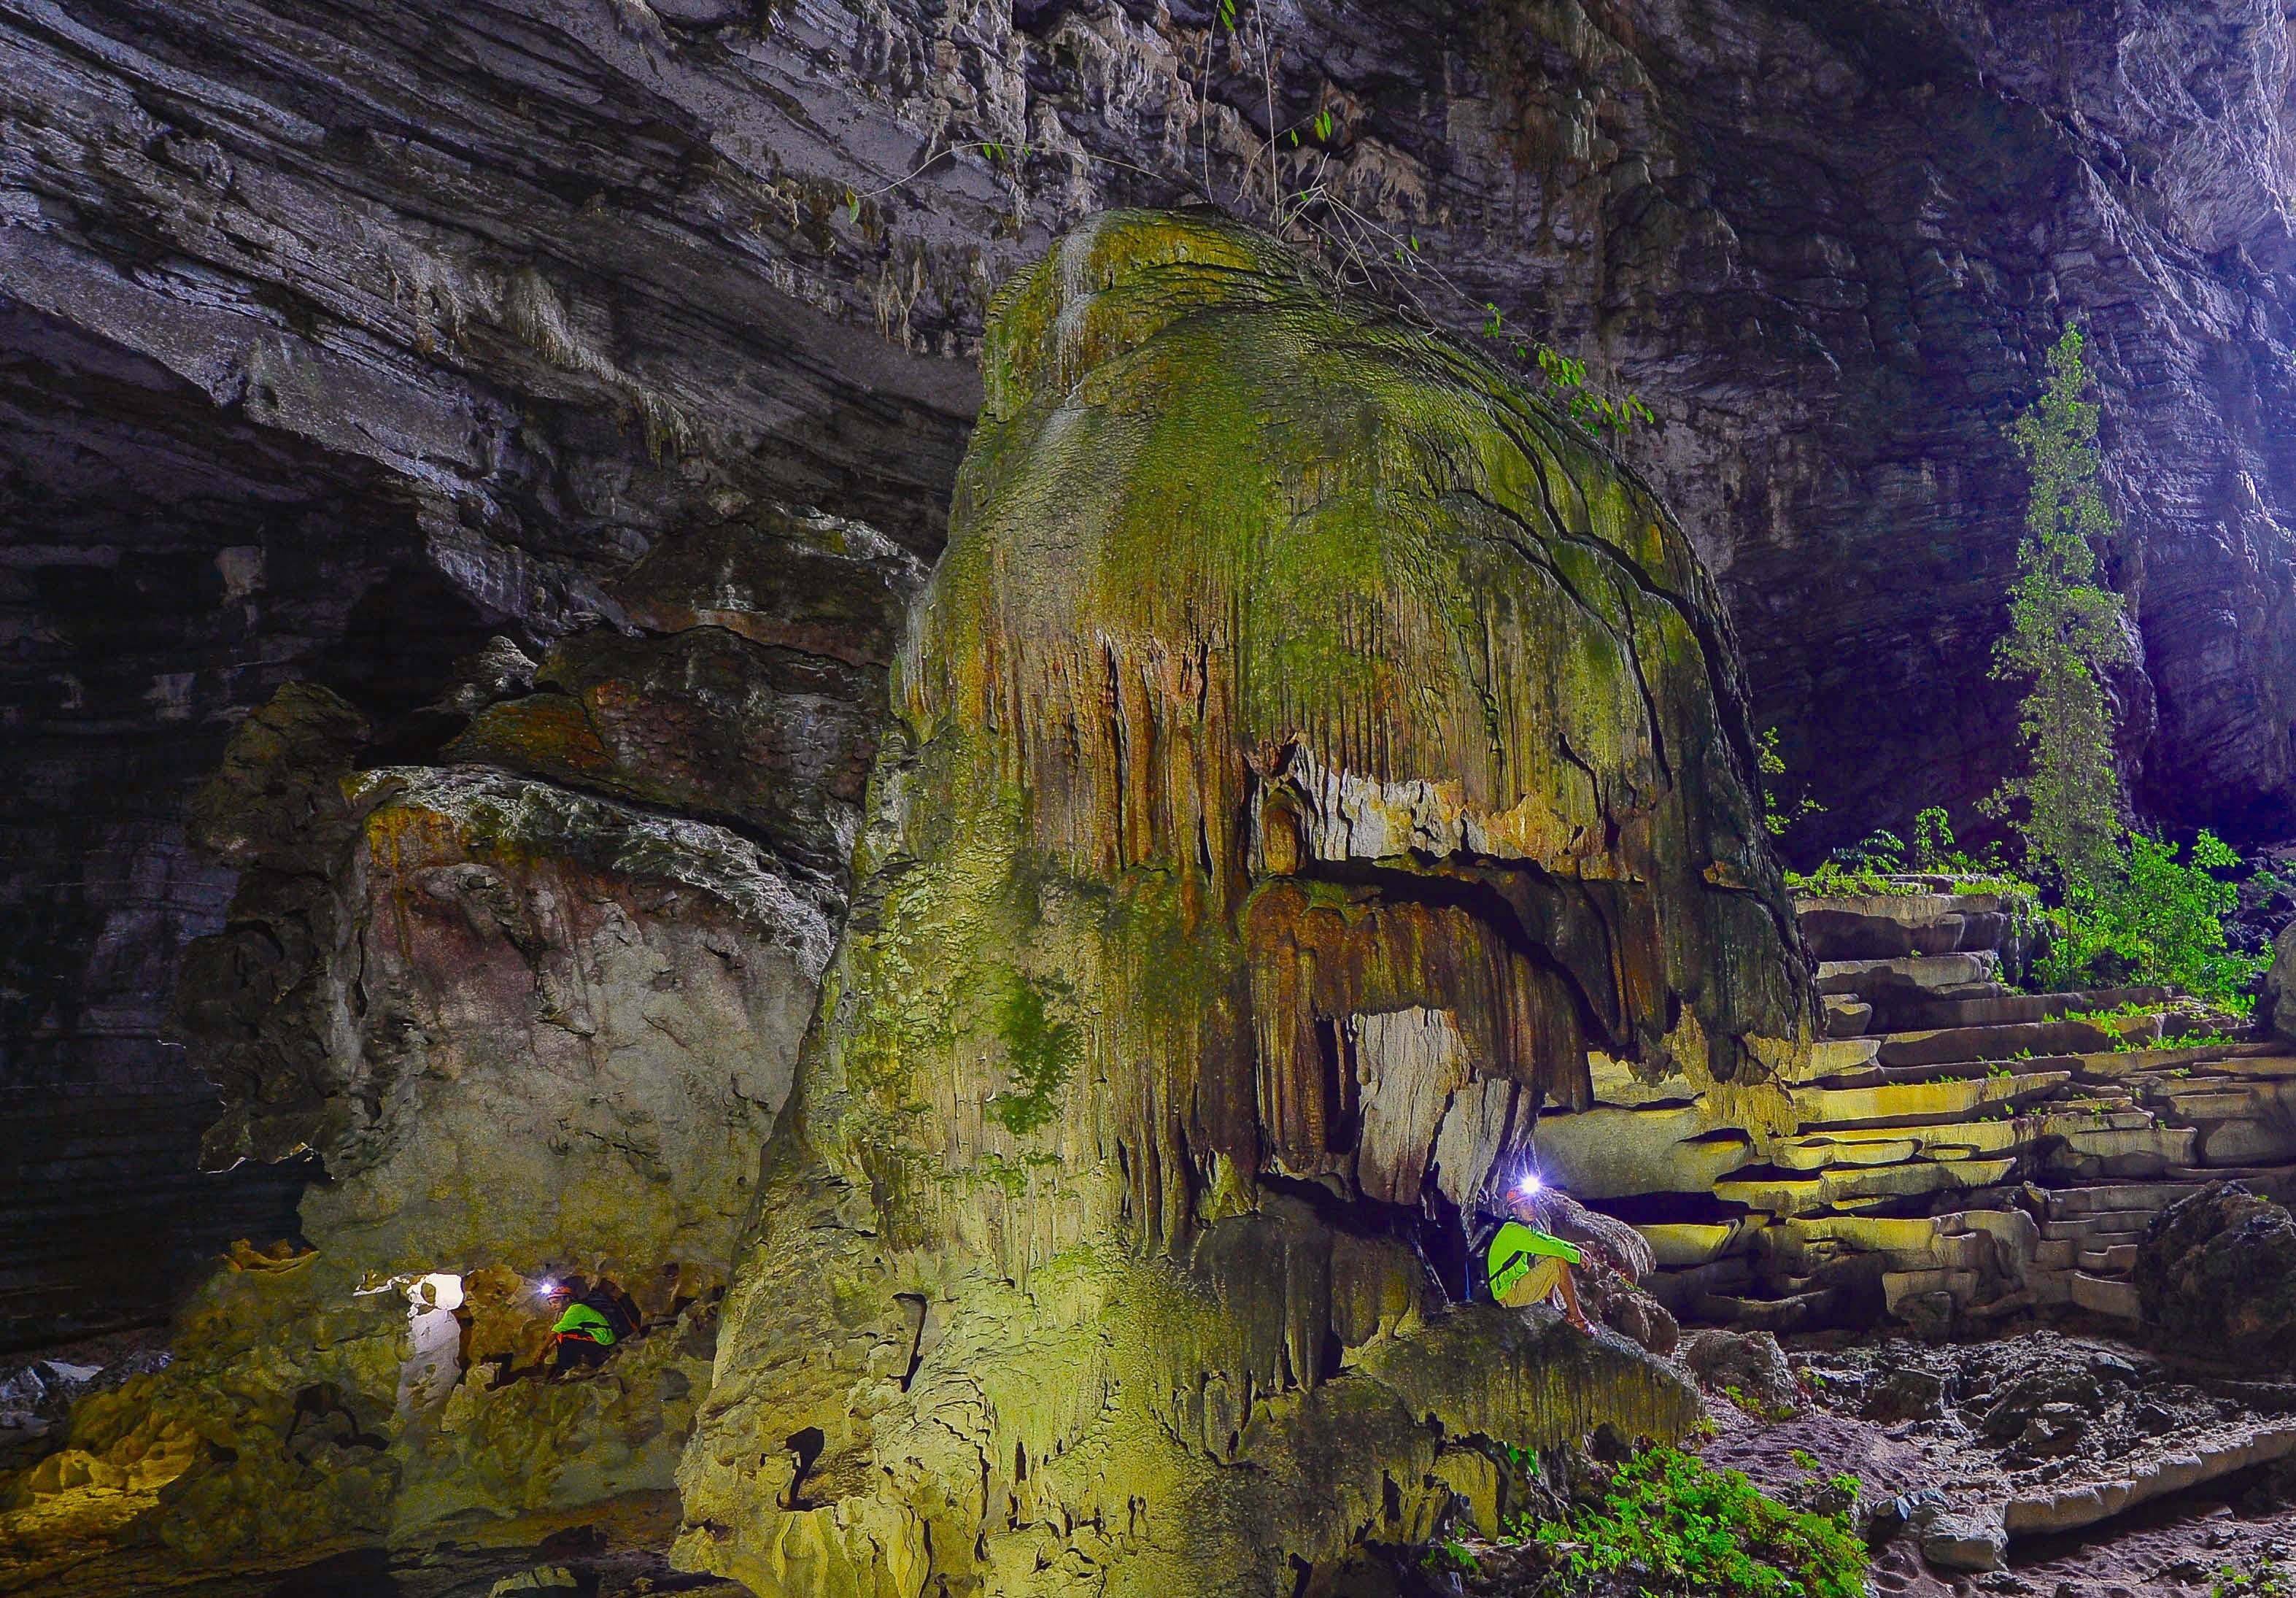 Không chỉ Sơn Đoòng, Quảng Bình còn có một hang động khác hoang sơ và đẹp đến ngạt thở! - Ảnh 14.